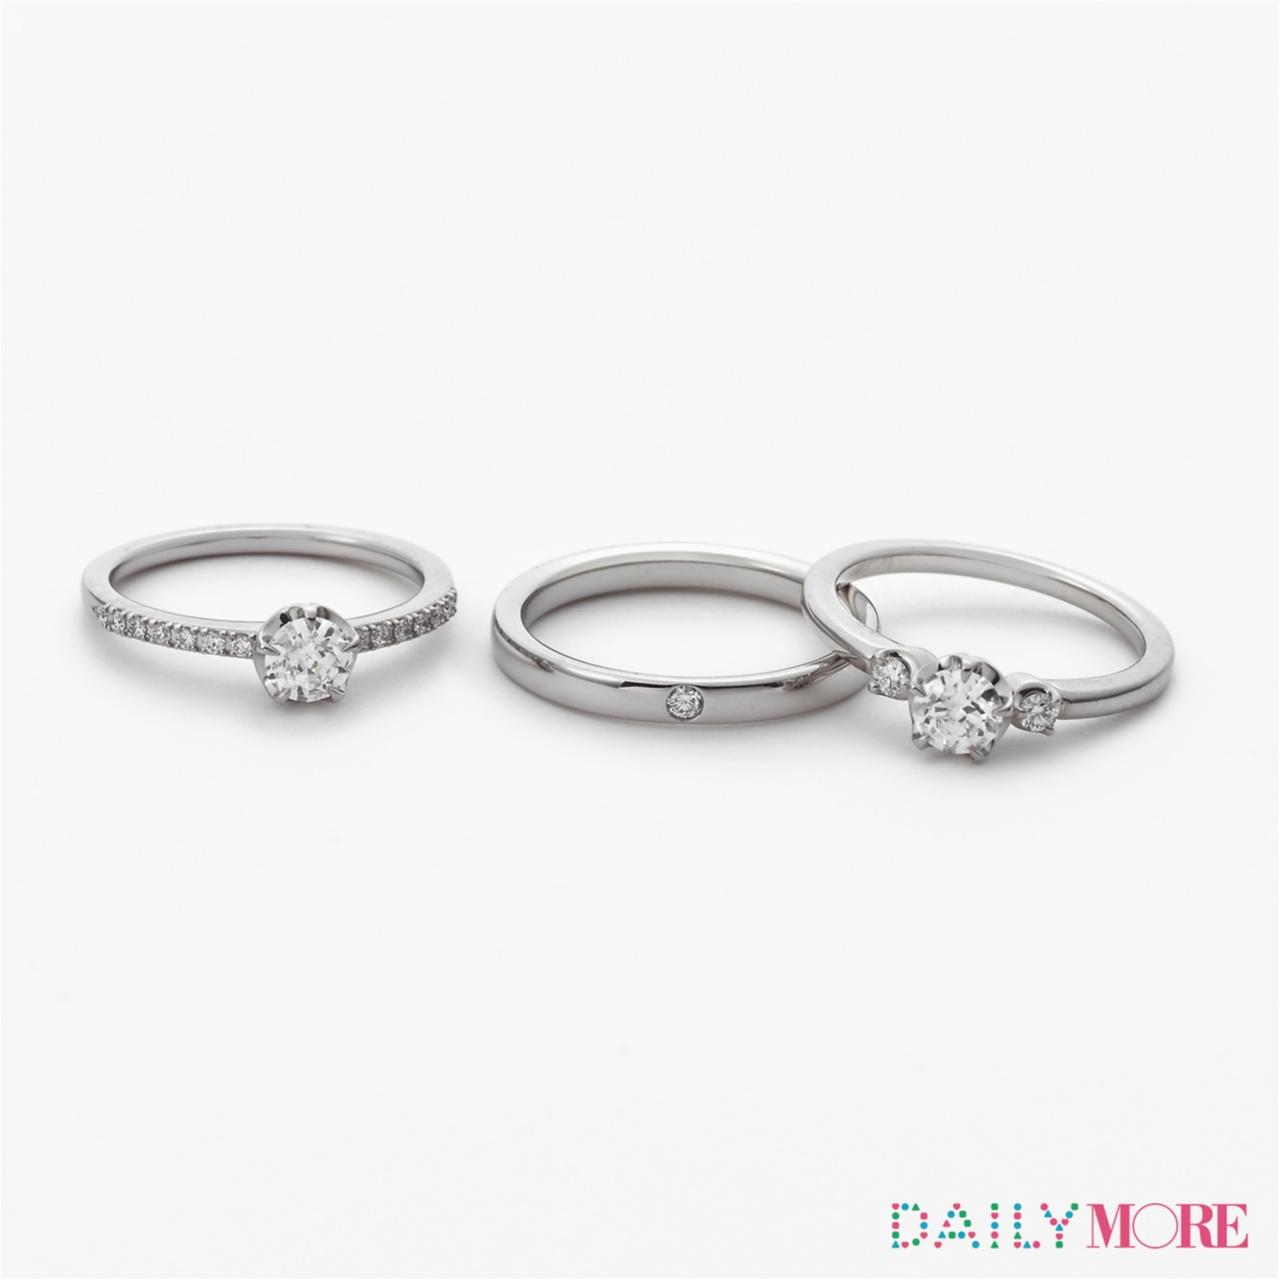 この指輪でプロポーズされたい! アラウンド27歳のためのおすすめエンゲージリング3選_2